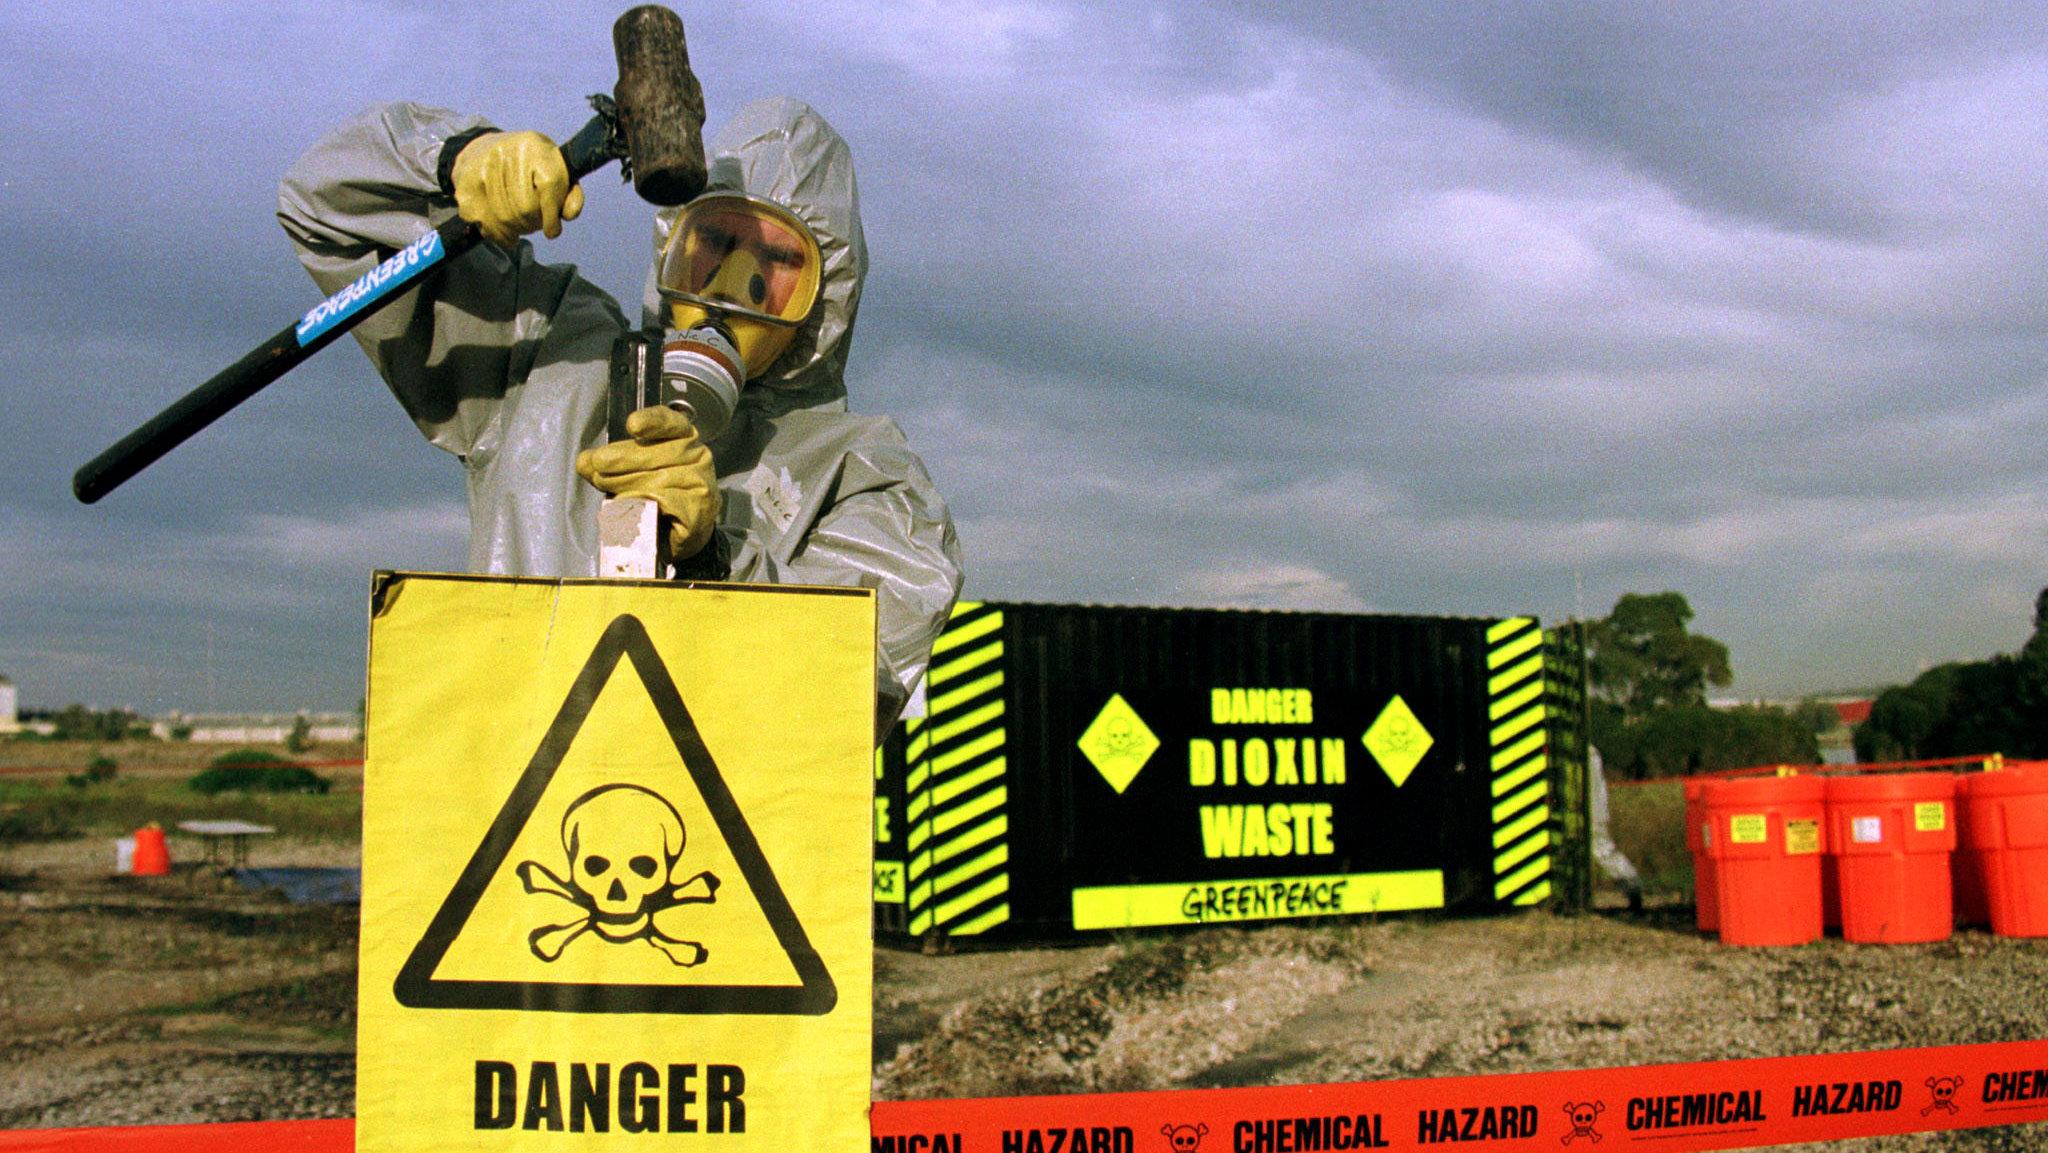 Toxic warning signs